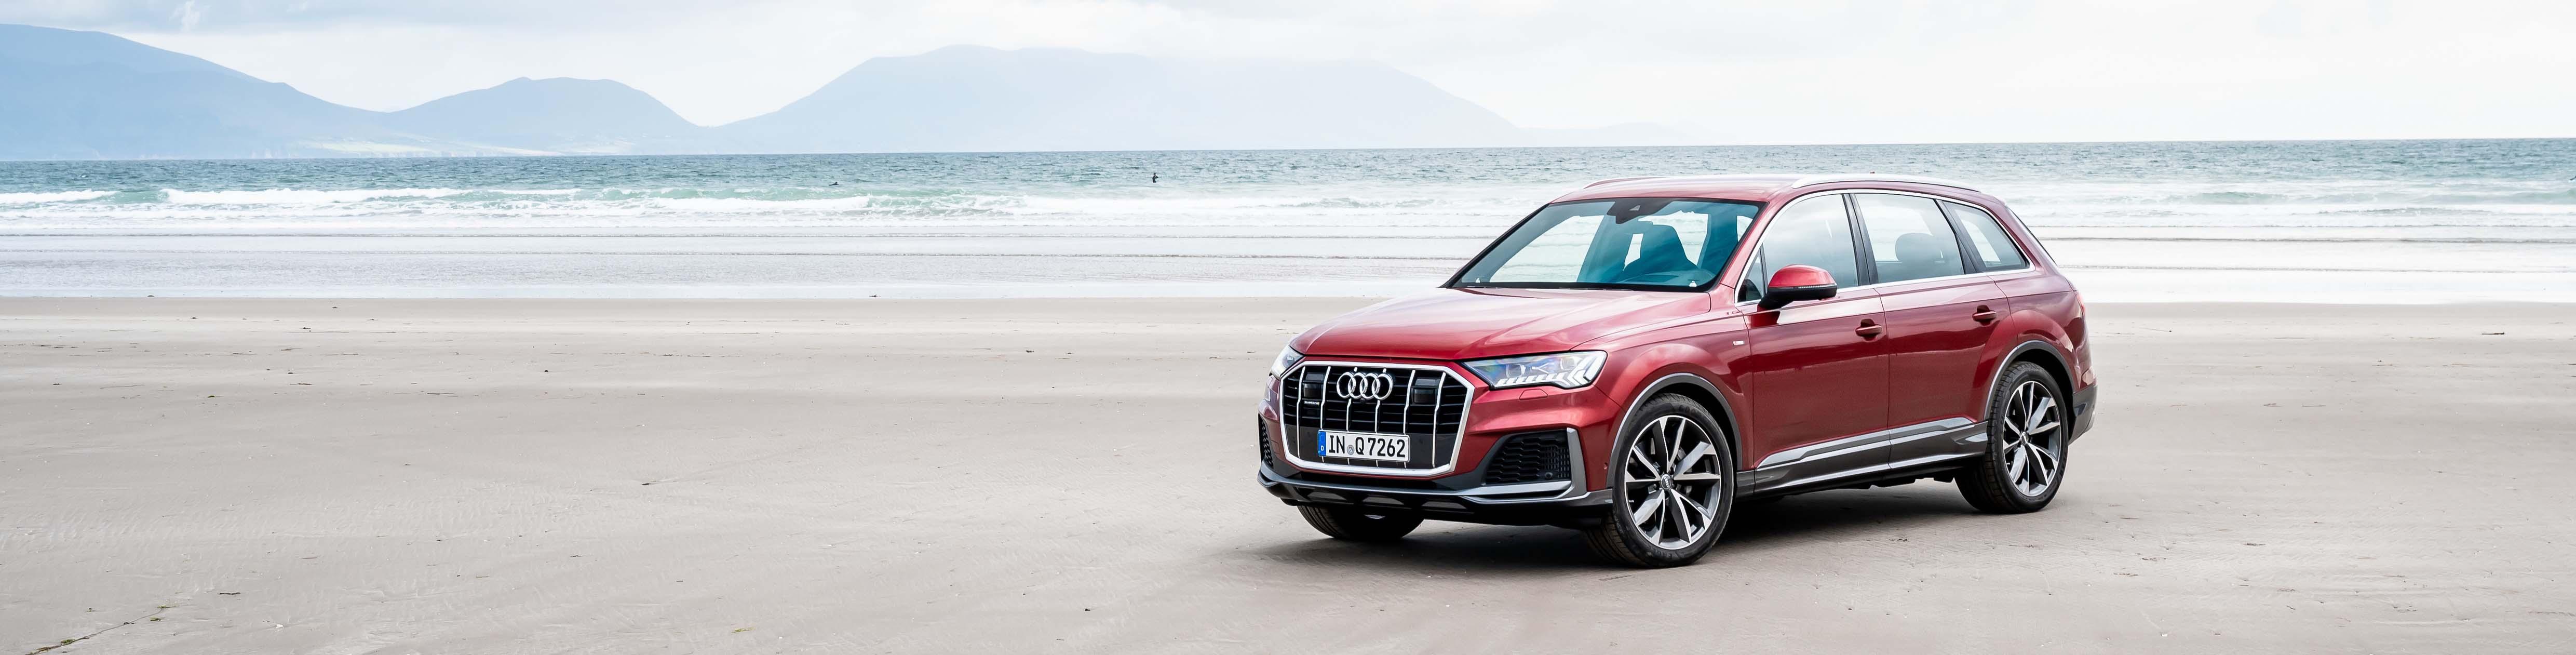 Offerte Audi Q7